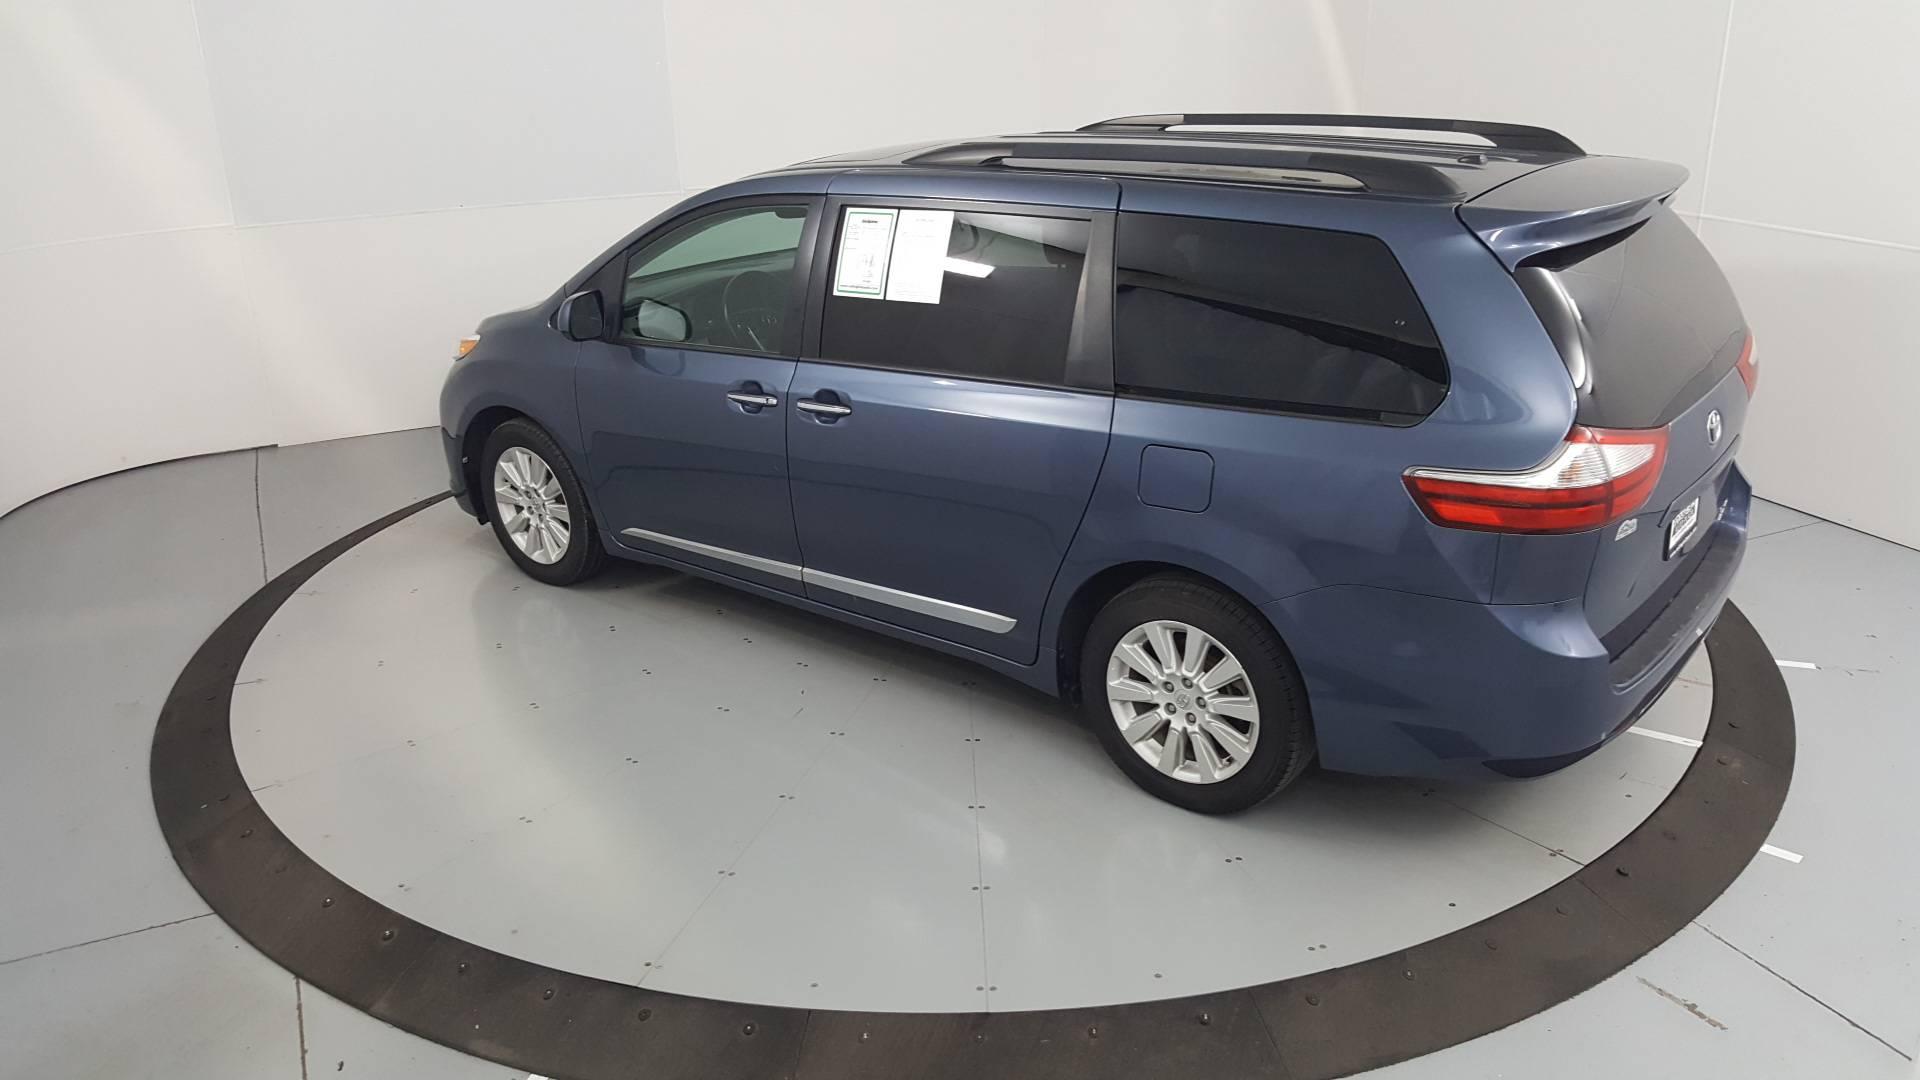 2015 Toyota Sienna Mini-van, Passenger